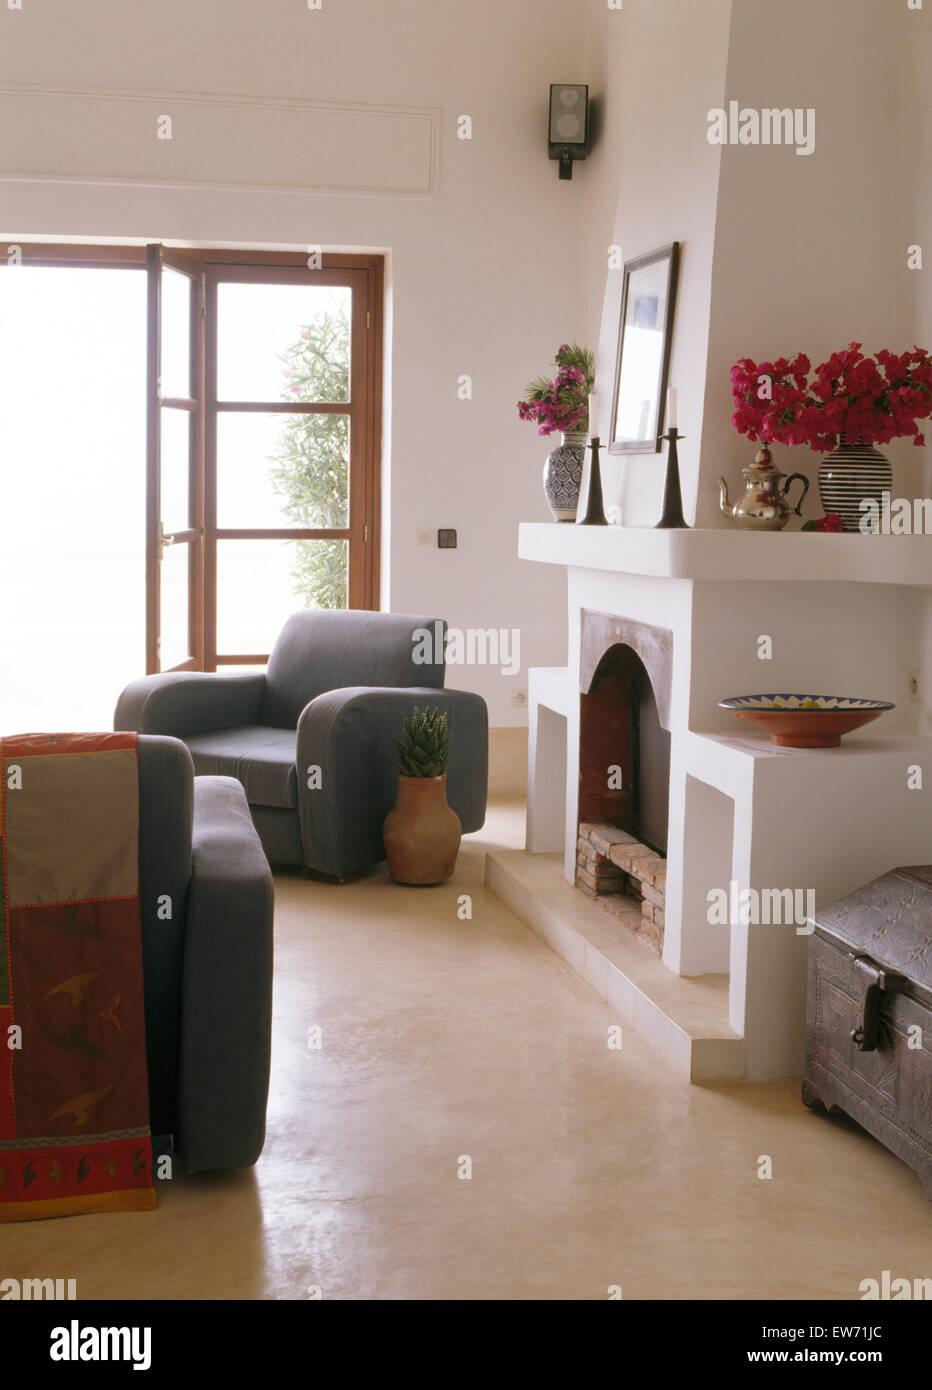 Graue Mobel Im Marokkanischen Kuste Wohnzimmer Mit Weissen Kamin Und